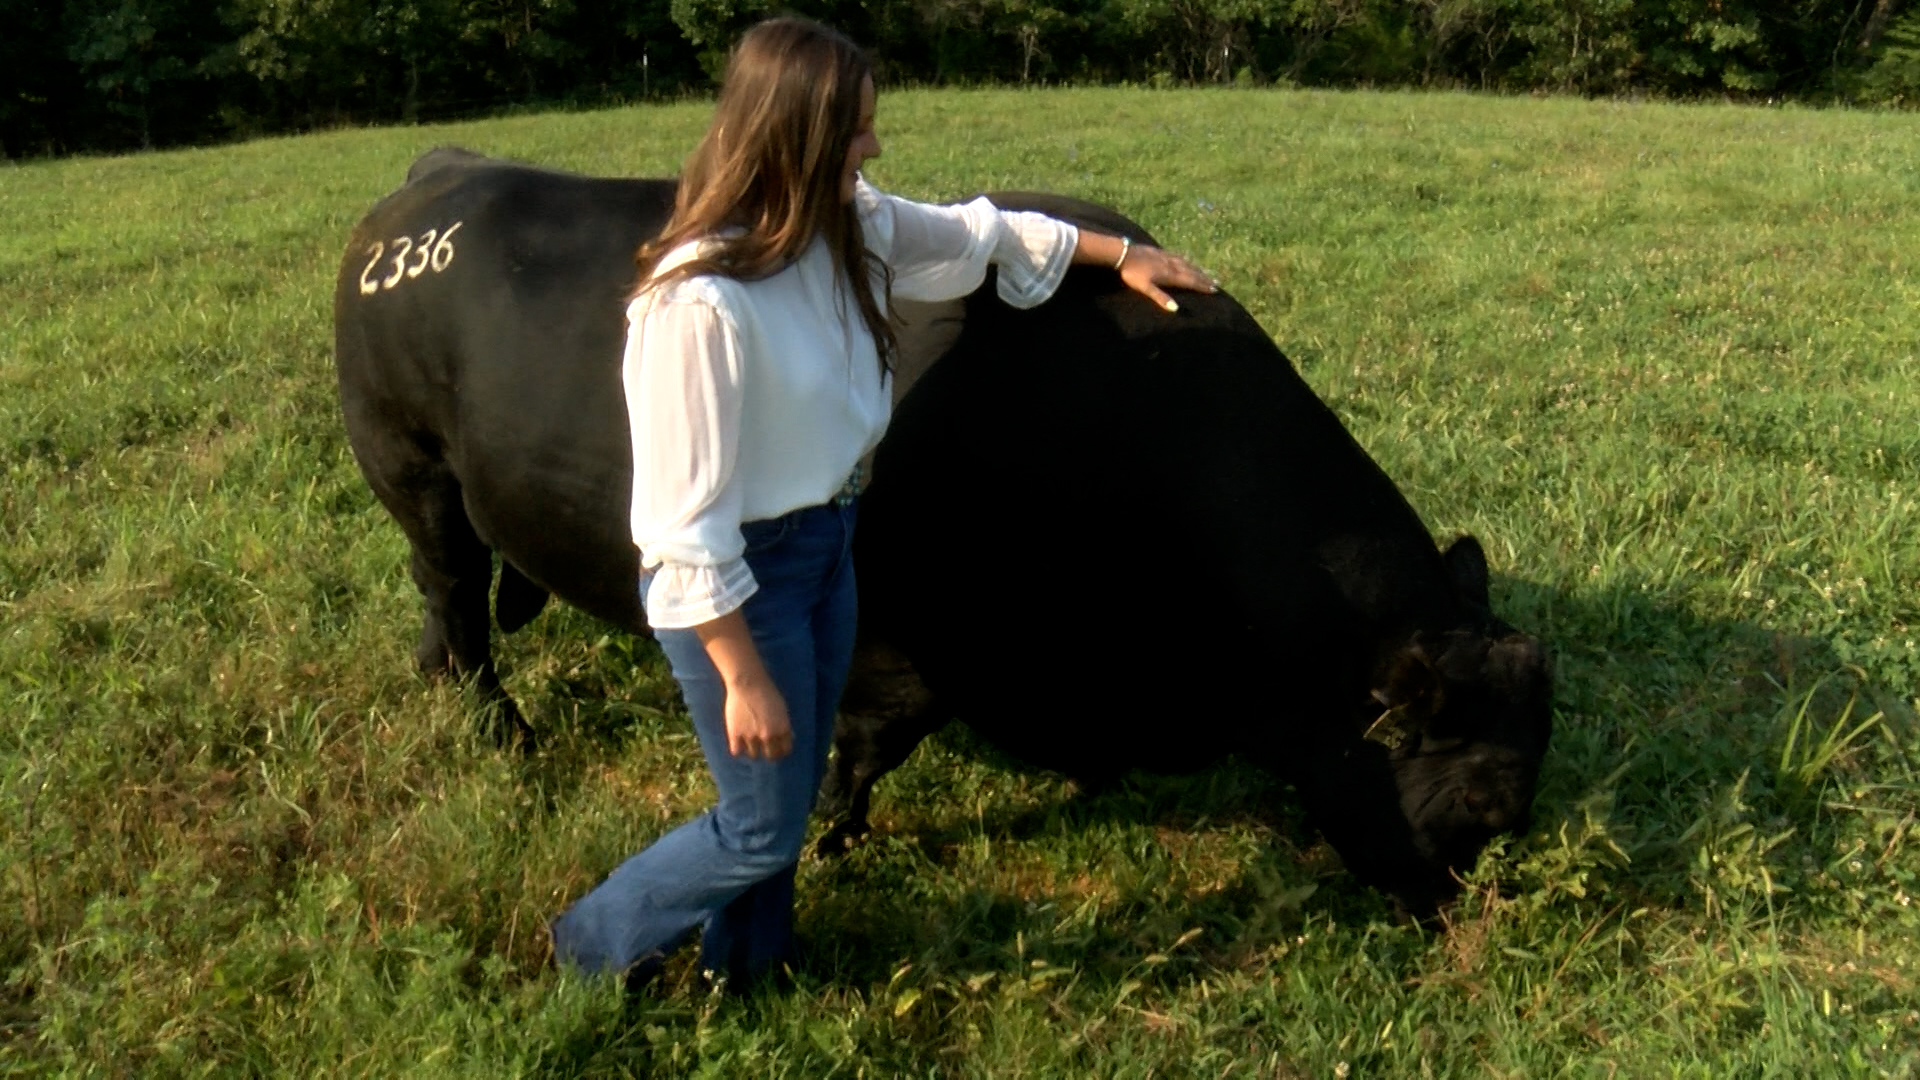 Gilbert Cattle Farm in Oldfield, Missouri